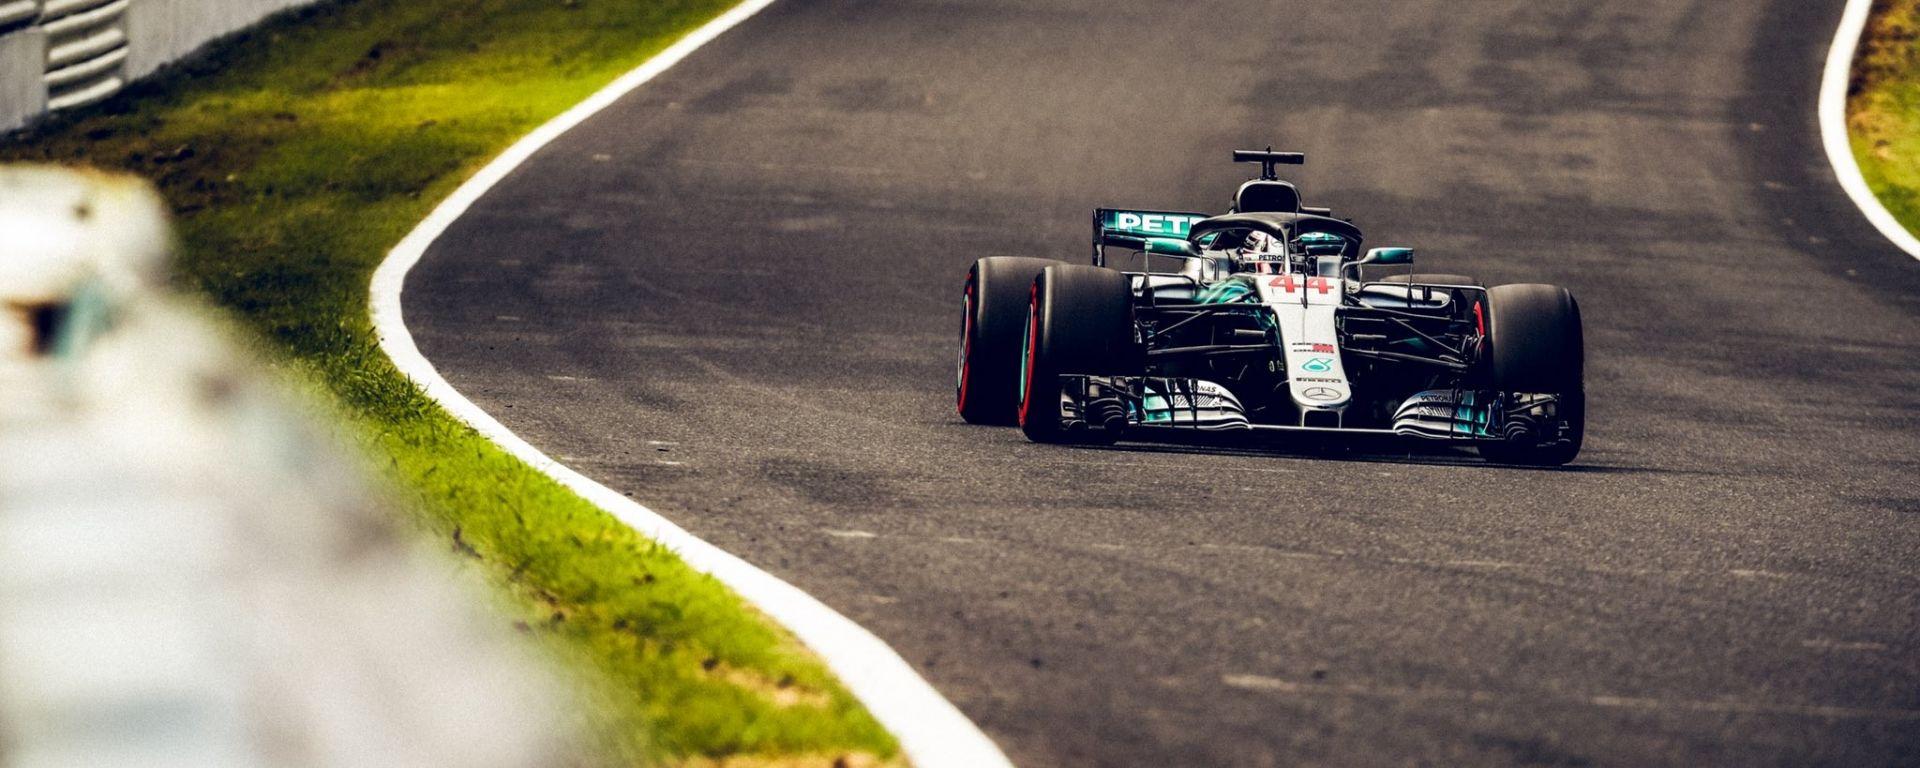 GP Giappone 2018, Suzuka, Lewis Hamilton in azione con la sua Mercedes